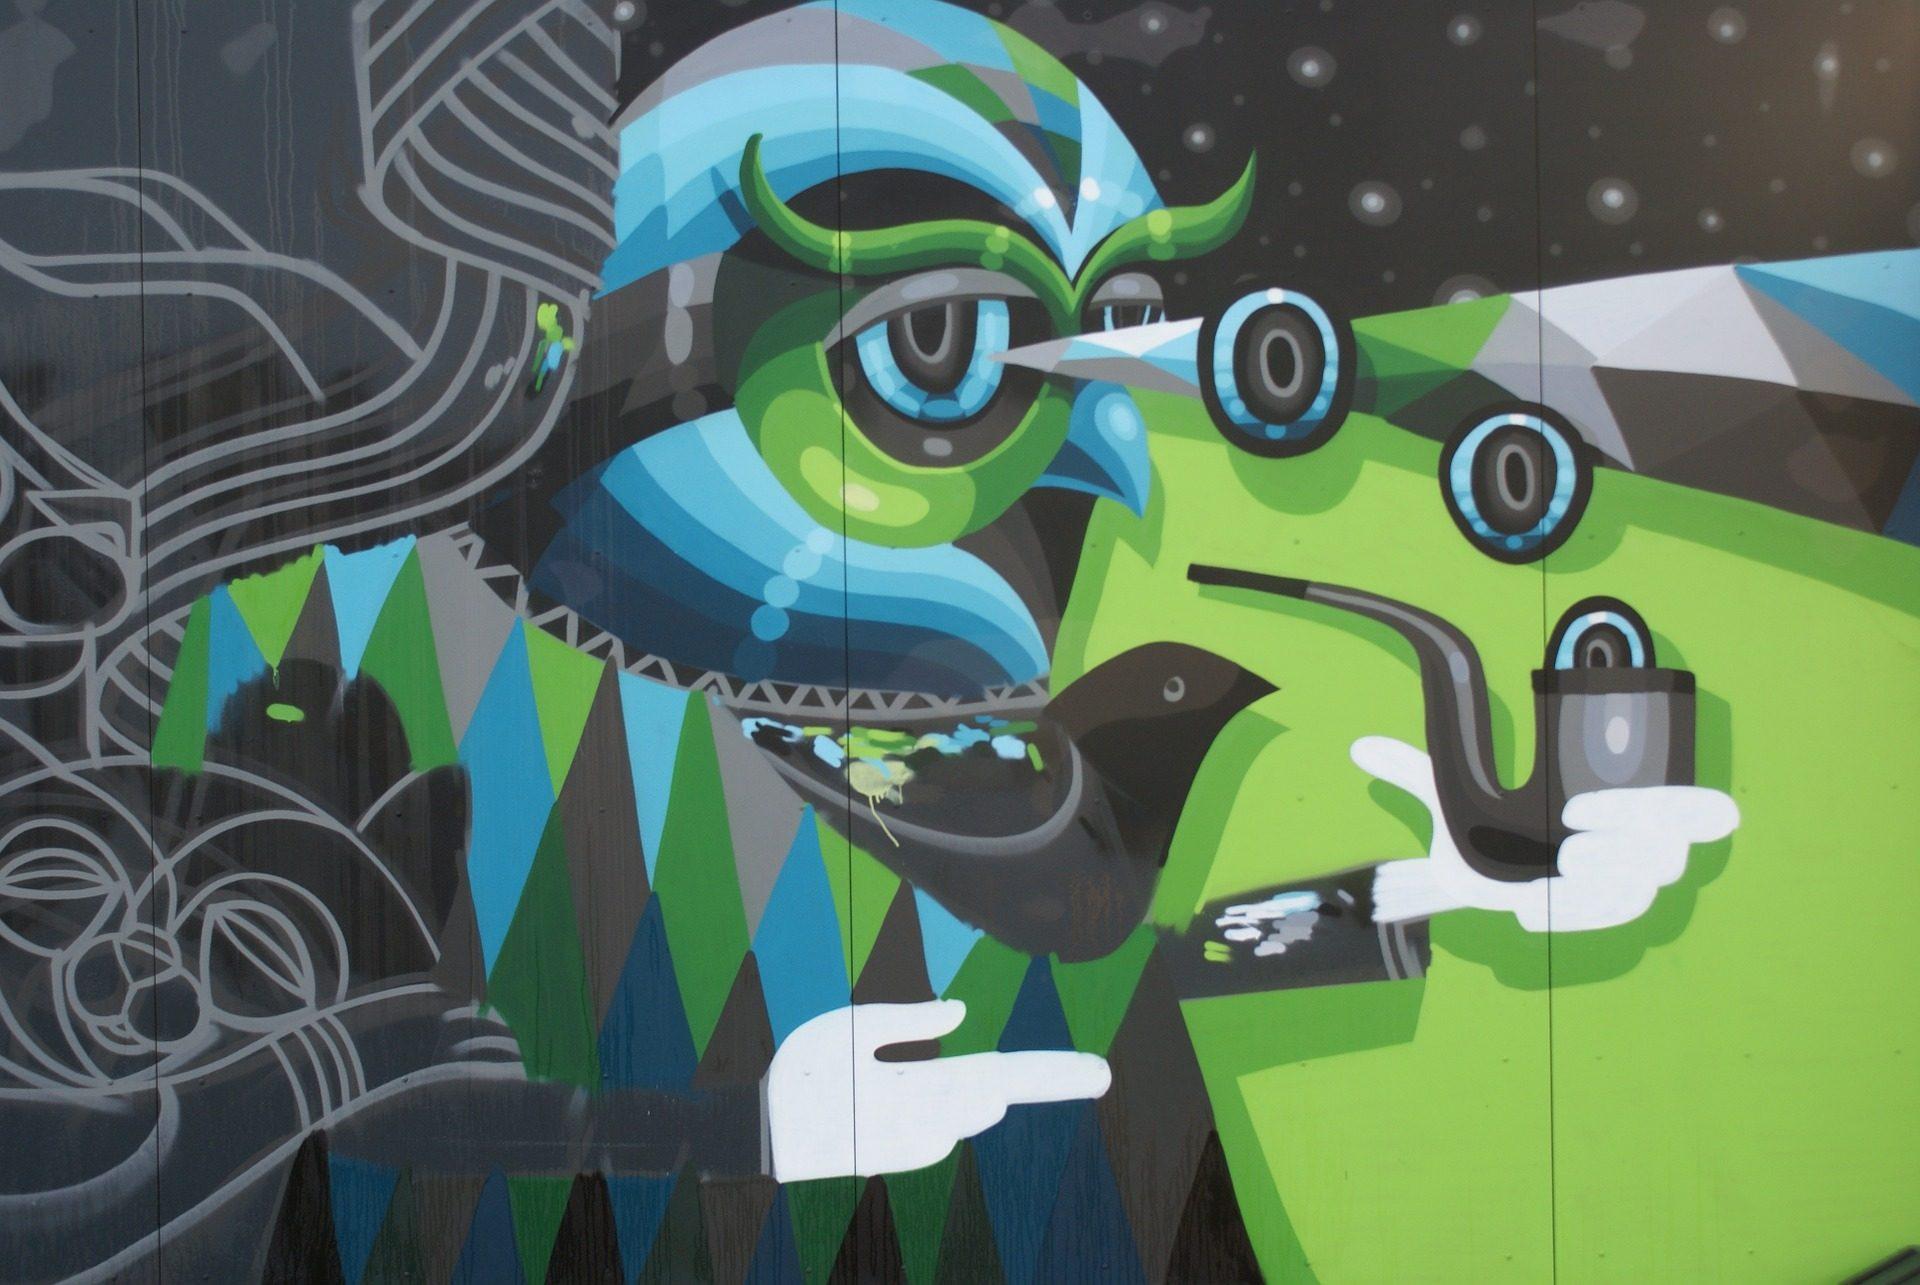 grafiti, pittura, disegno, arte, Via, pared, Parete - Sfondi HD - Professor-falken.com